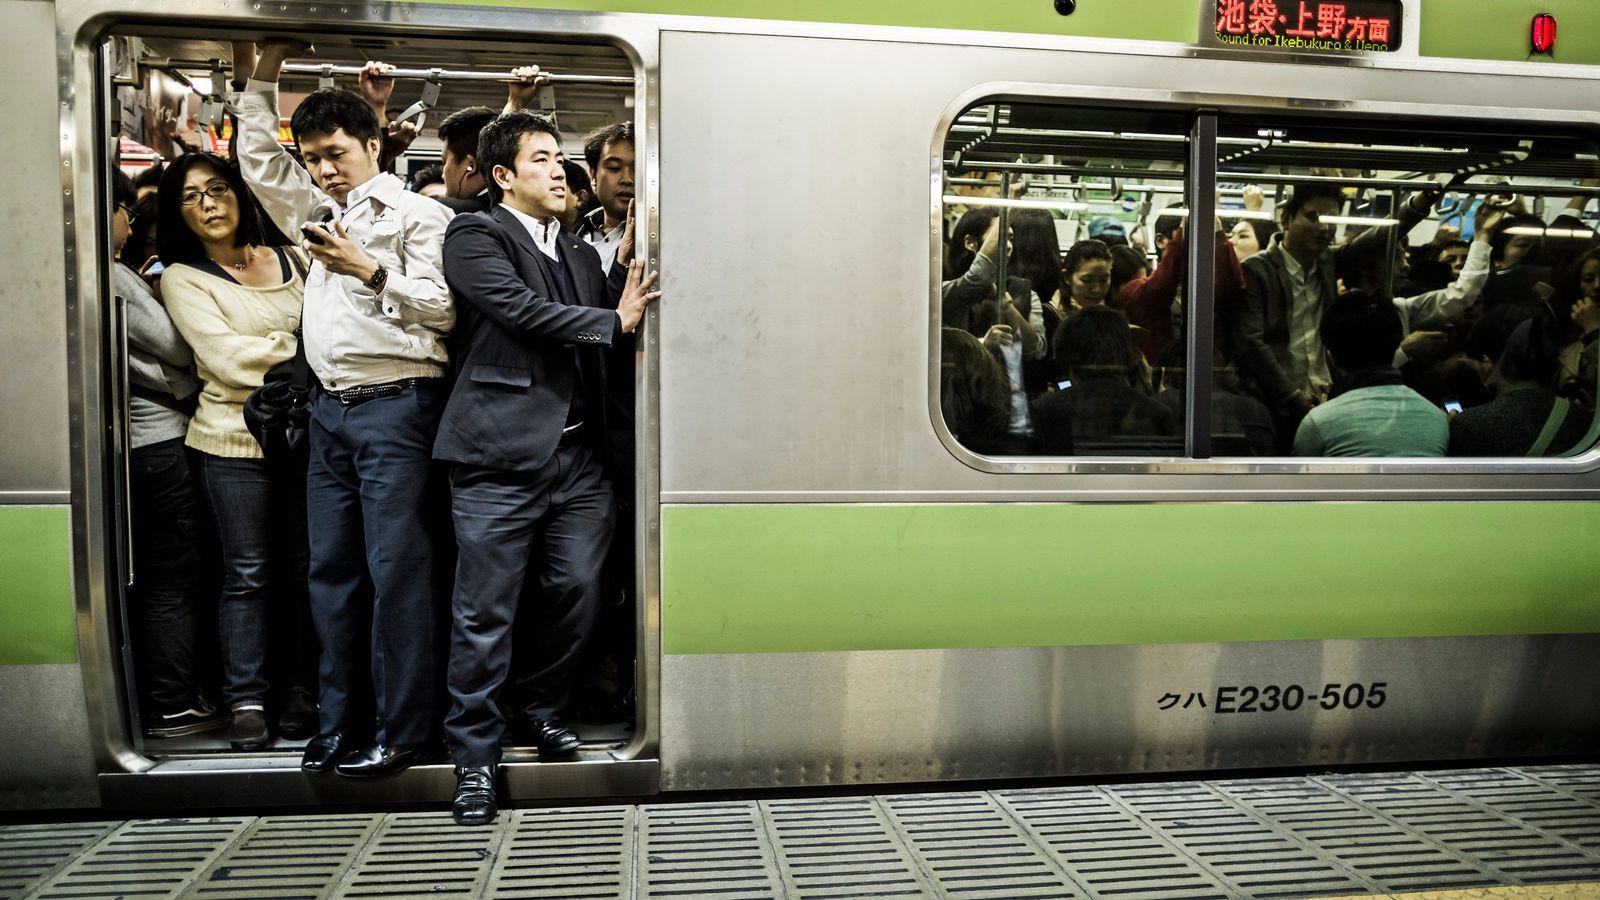 「満員電車は仕方ない」と受け容れる人の異常さ 現状の肯定は「思考停止」にすぎない